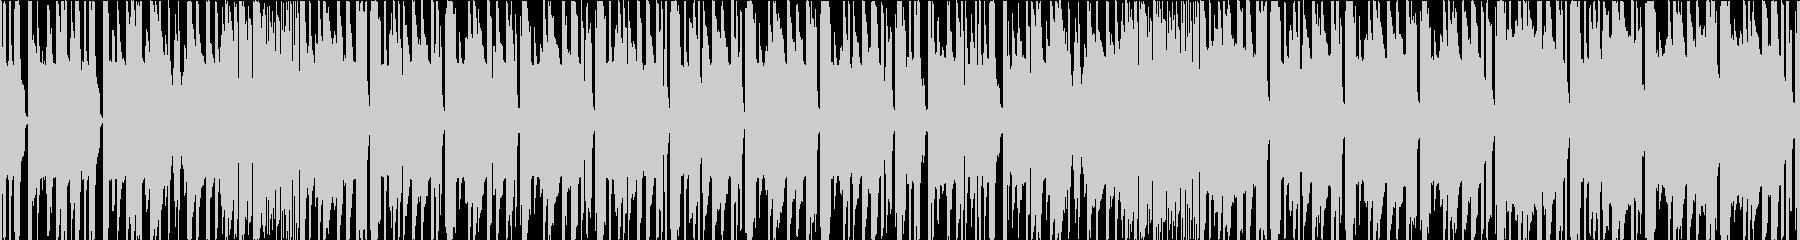 タイトなシンセと女声のミドルテンポEDMの未再生の波形